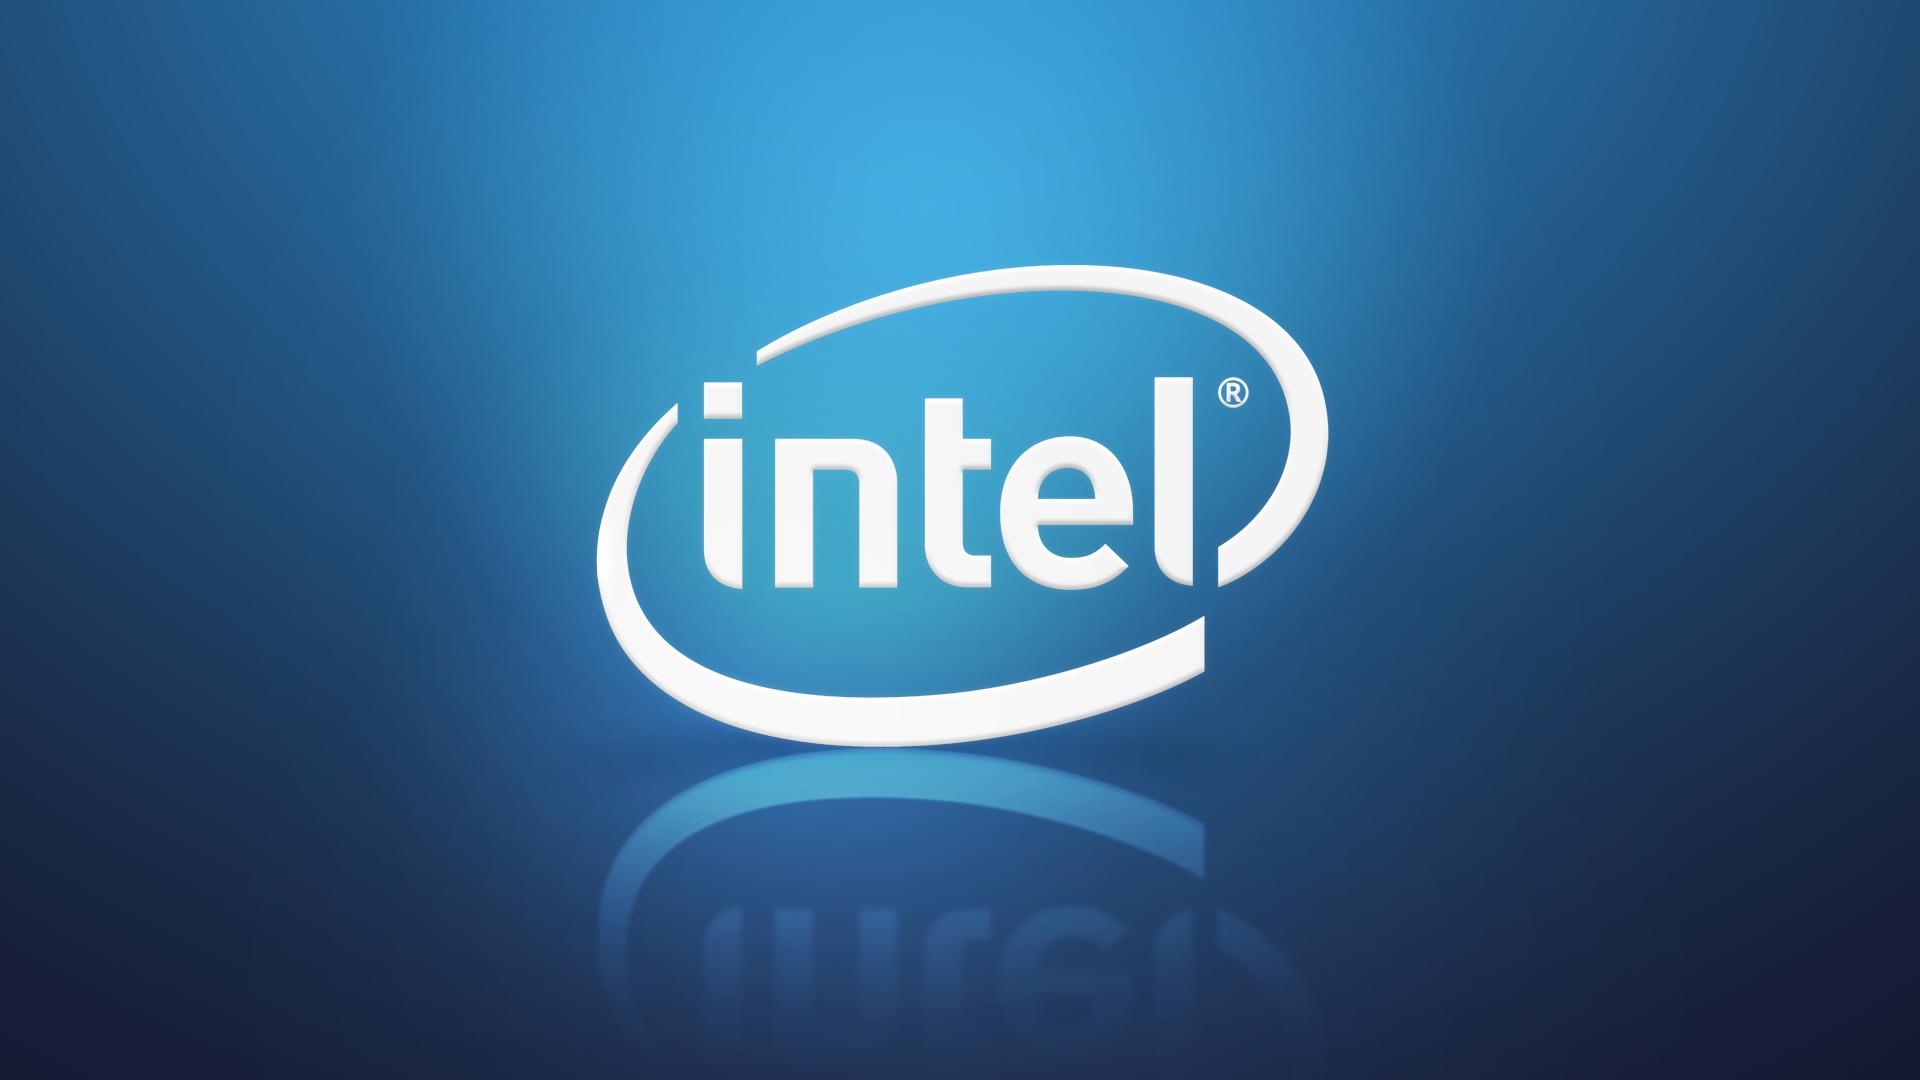 Intel Art Deviantart wallpapers HD   142065 1920x1080